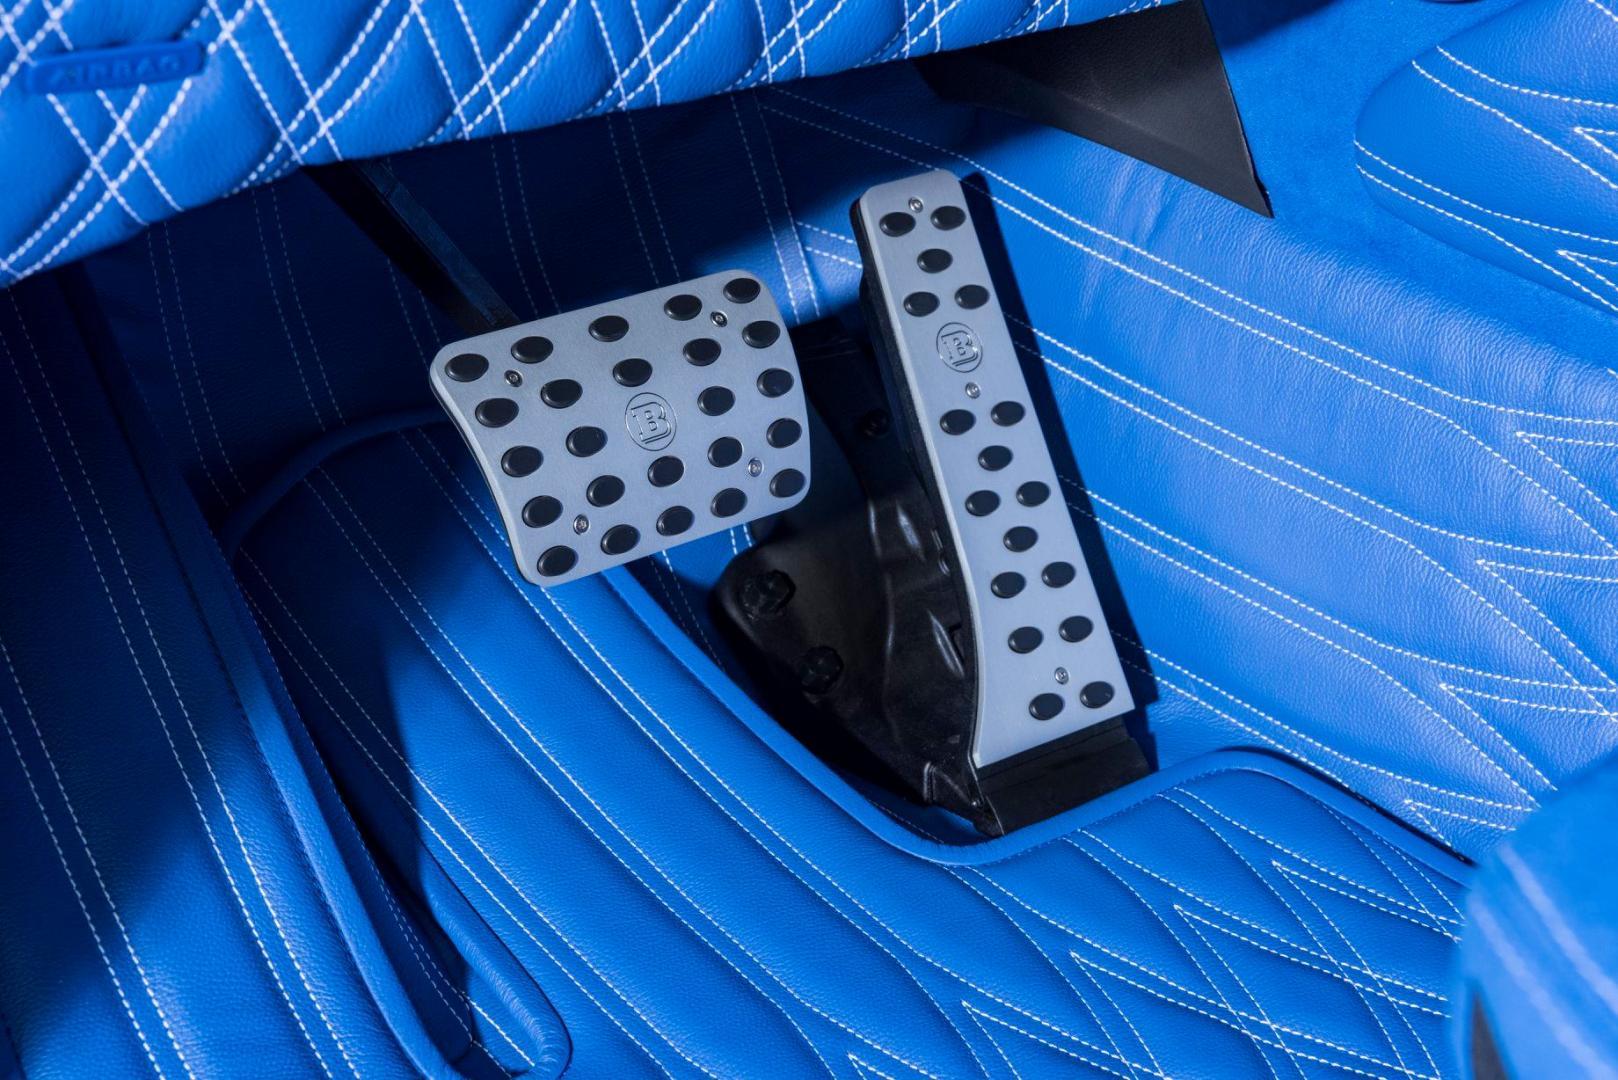 blauw interieur brabus mercedes-amg g 63 pedalen